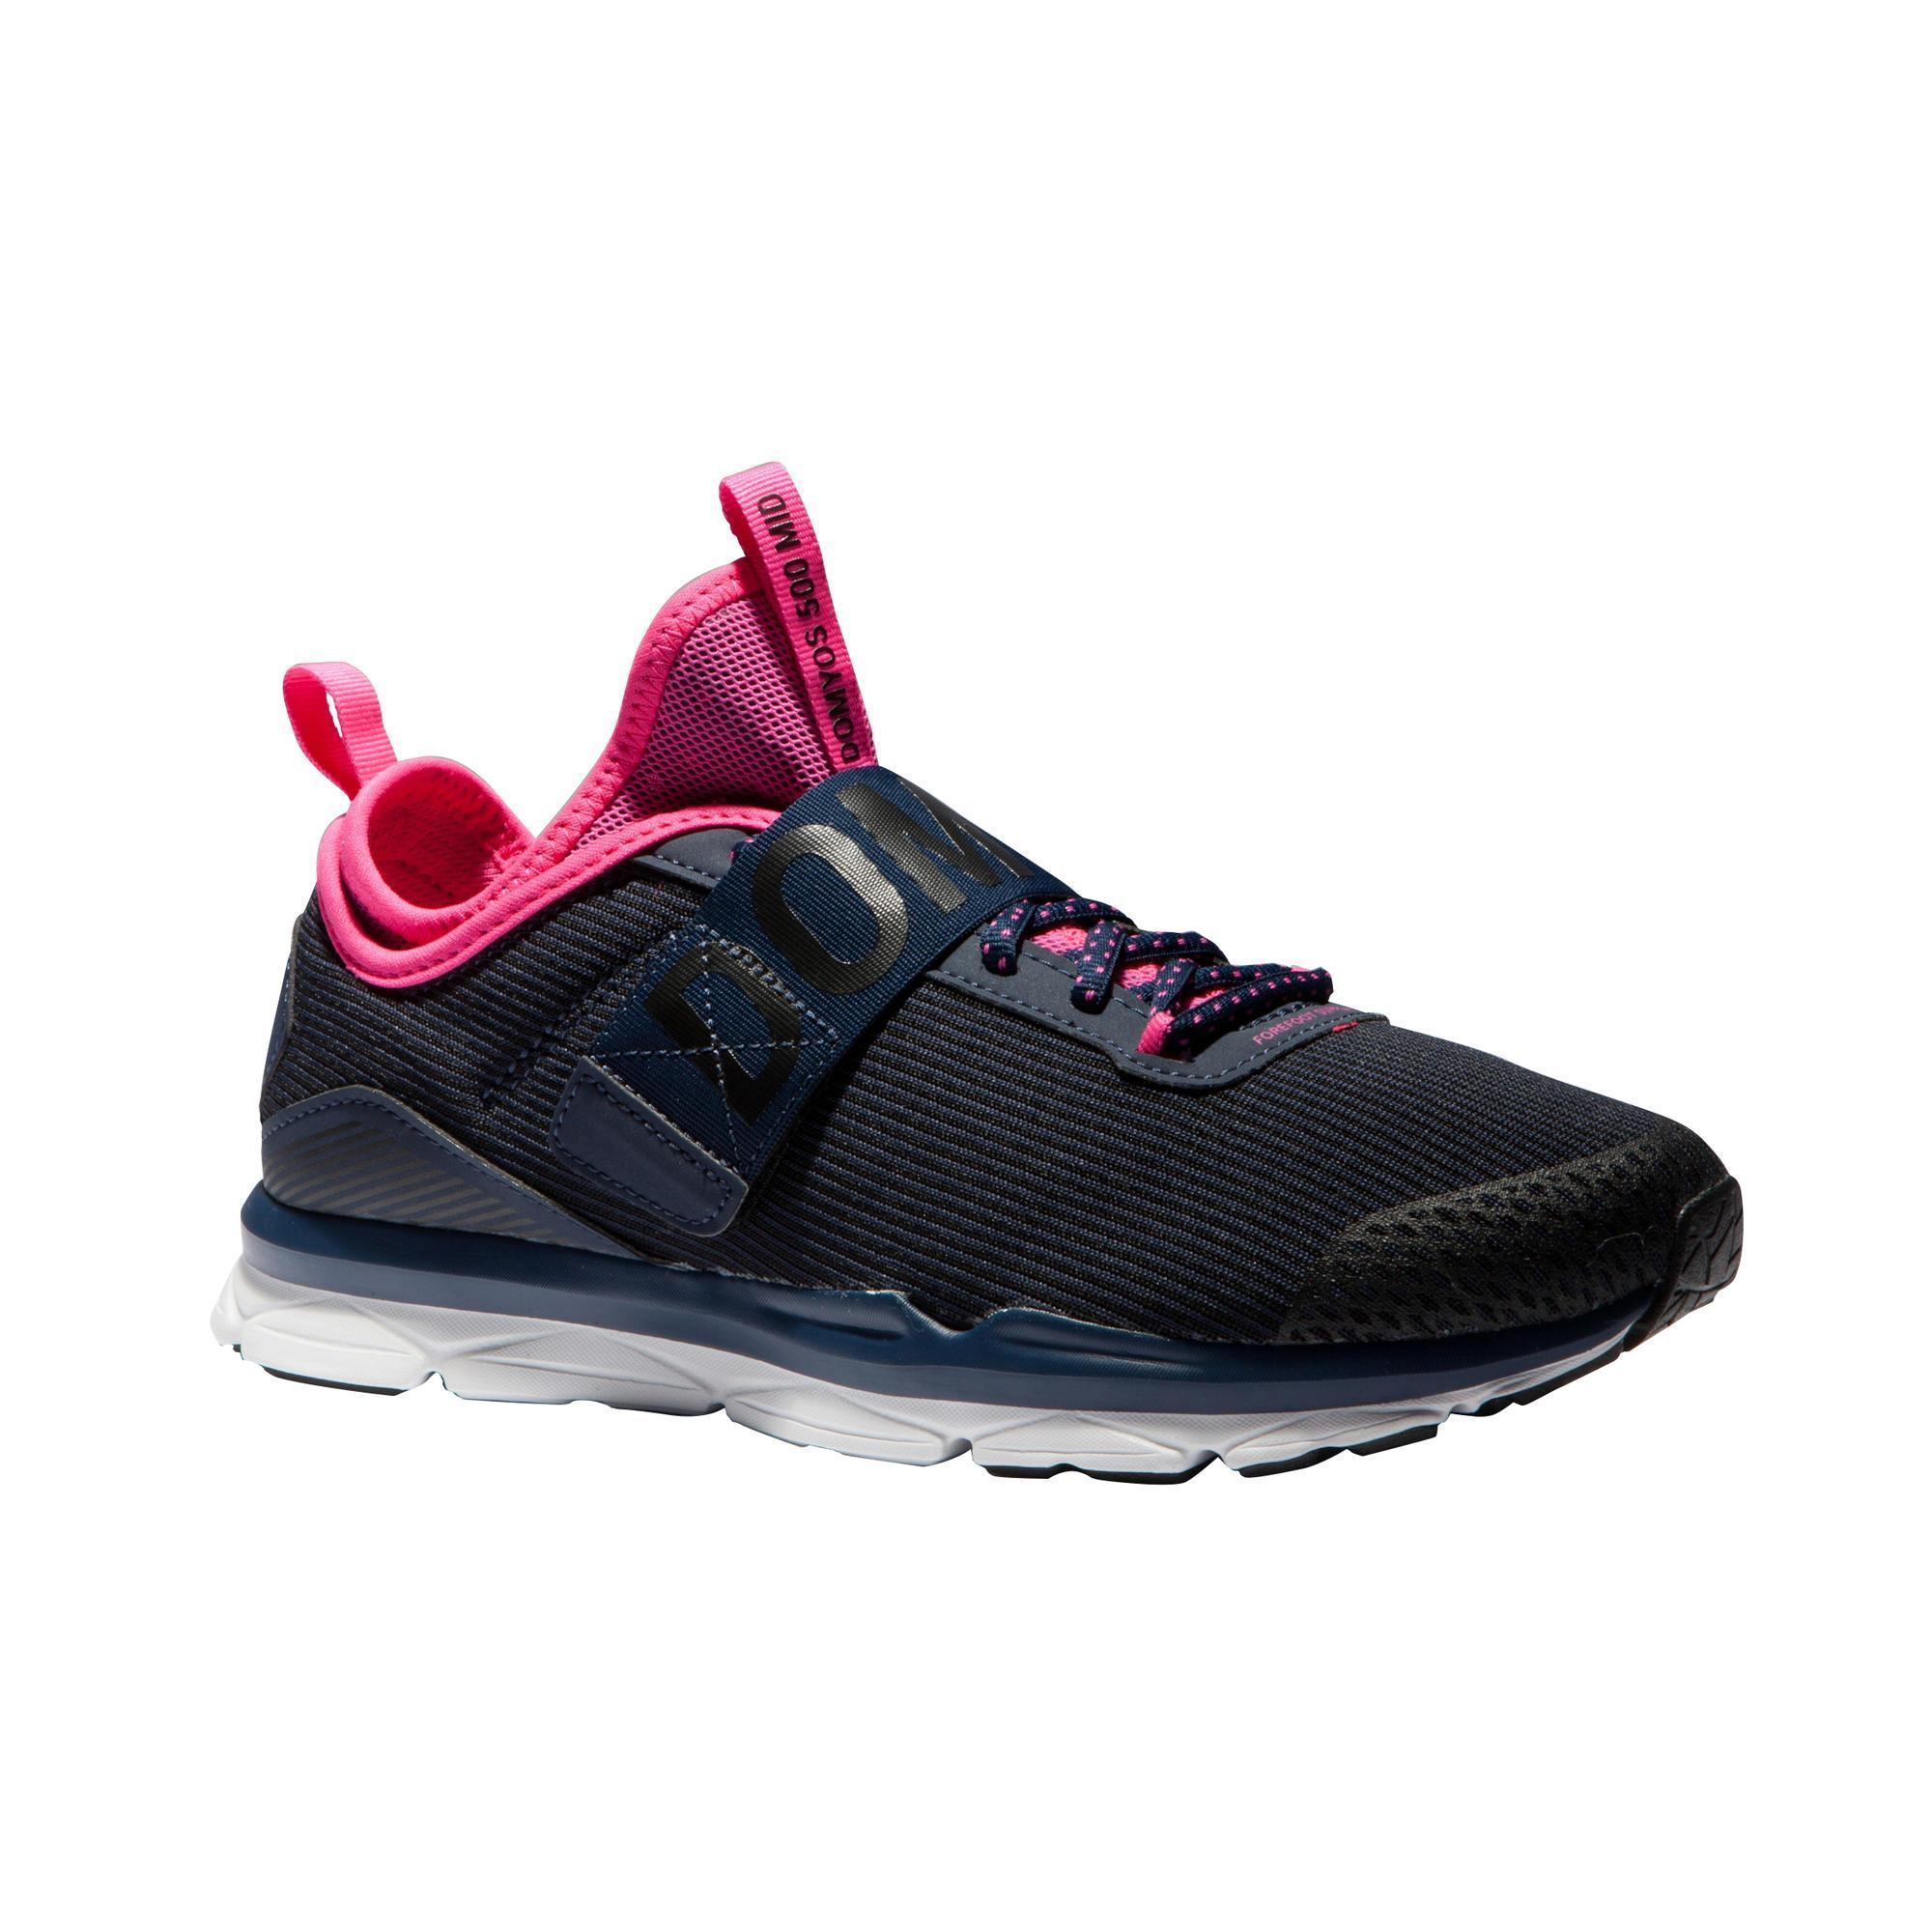 Кроссовки для фитнеса и кардиотренировок женские 500 MID   Domyos by  Decathlon bee9b5ecdb3